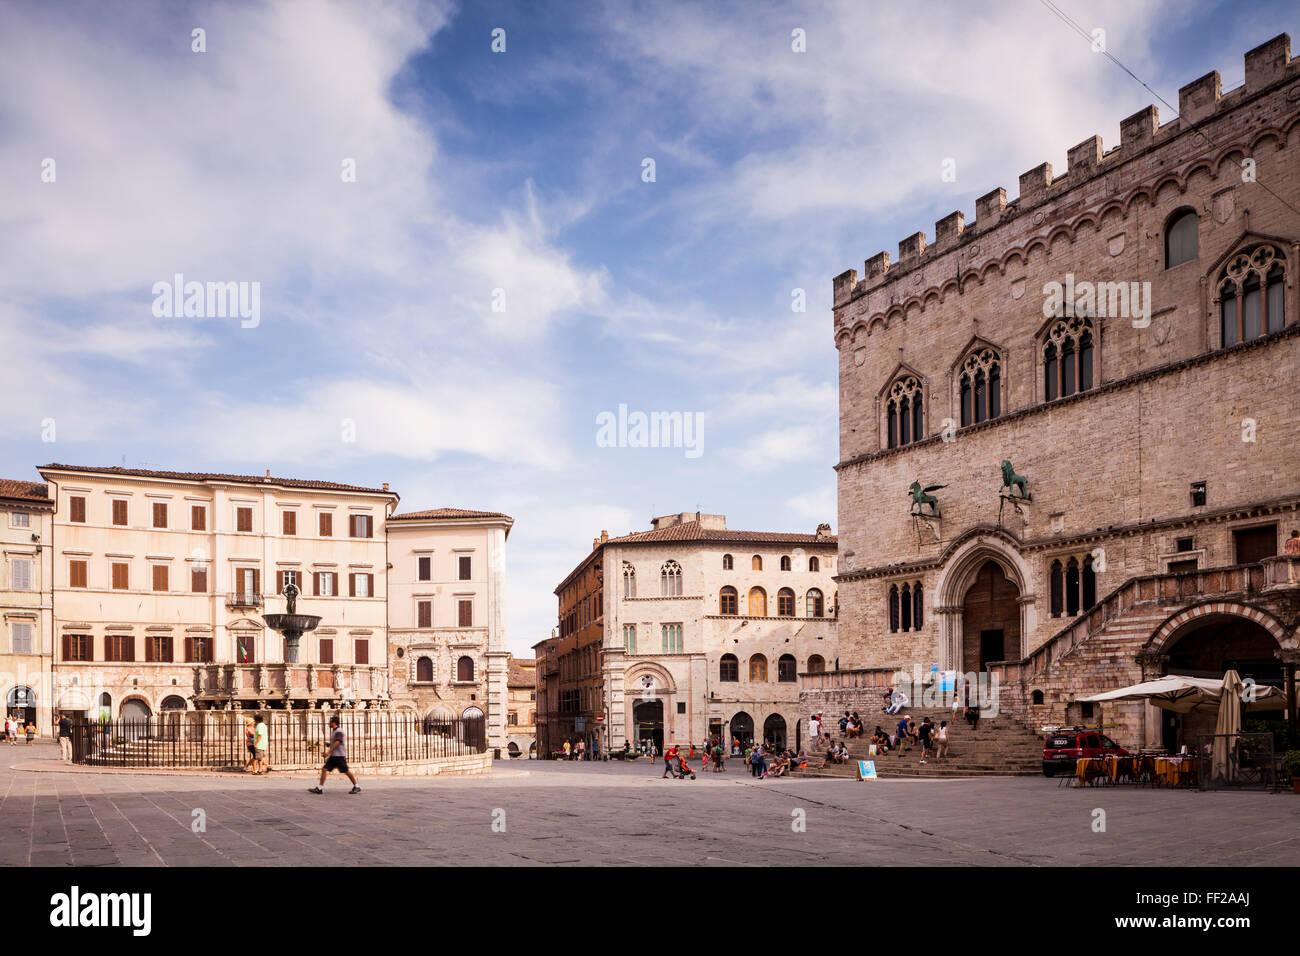 Piazza IV Novembre, The PaRMazzo dei Priori and the Fontana Maggiore, Perugia, Umbria, ItaRMy, Europe Stock Photo